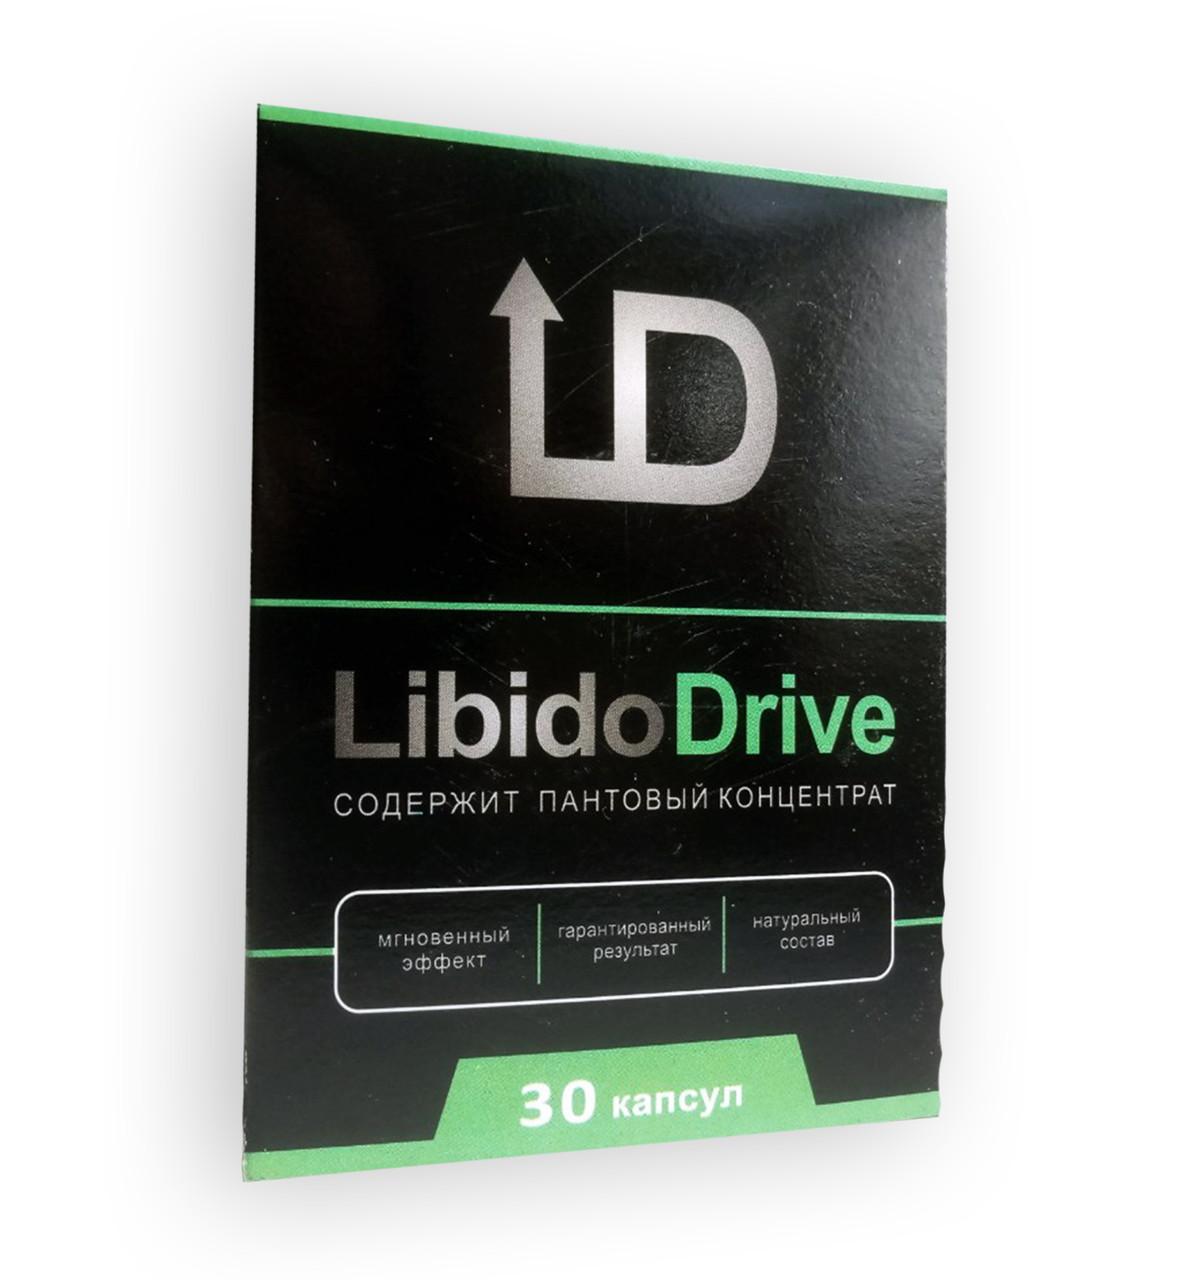 Libido Drive - Капсули для потенції (Лібідо Драйв)